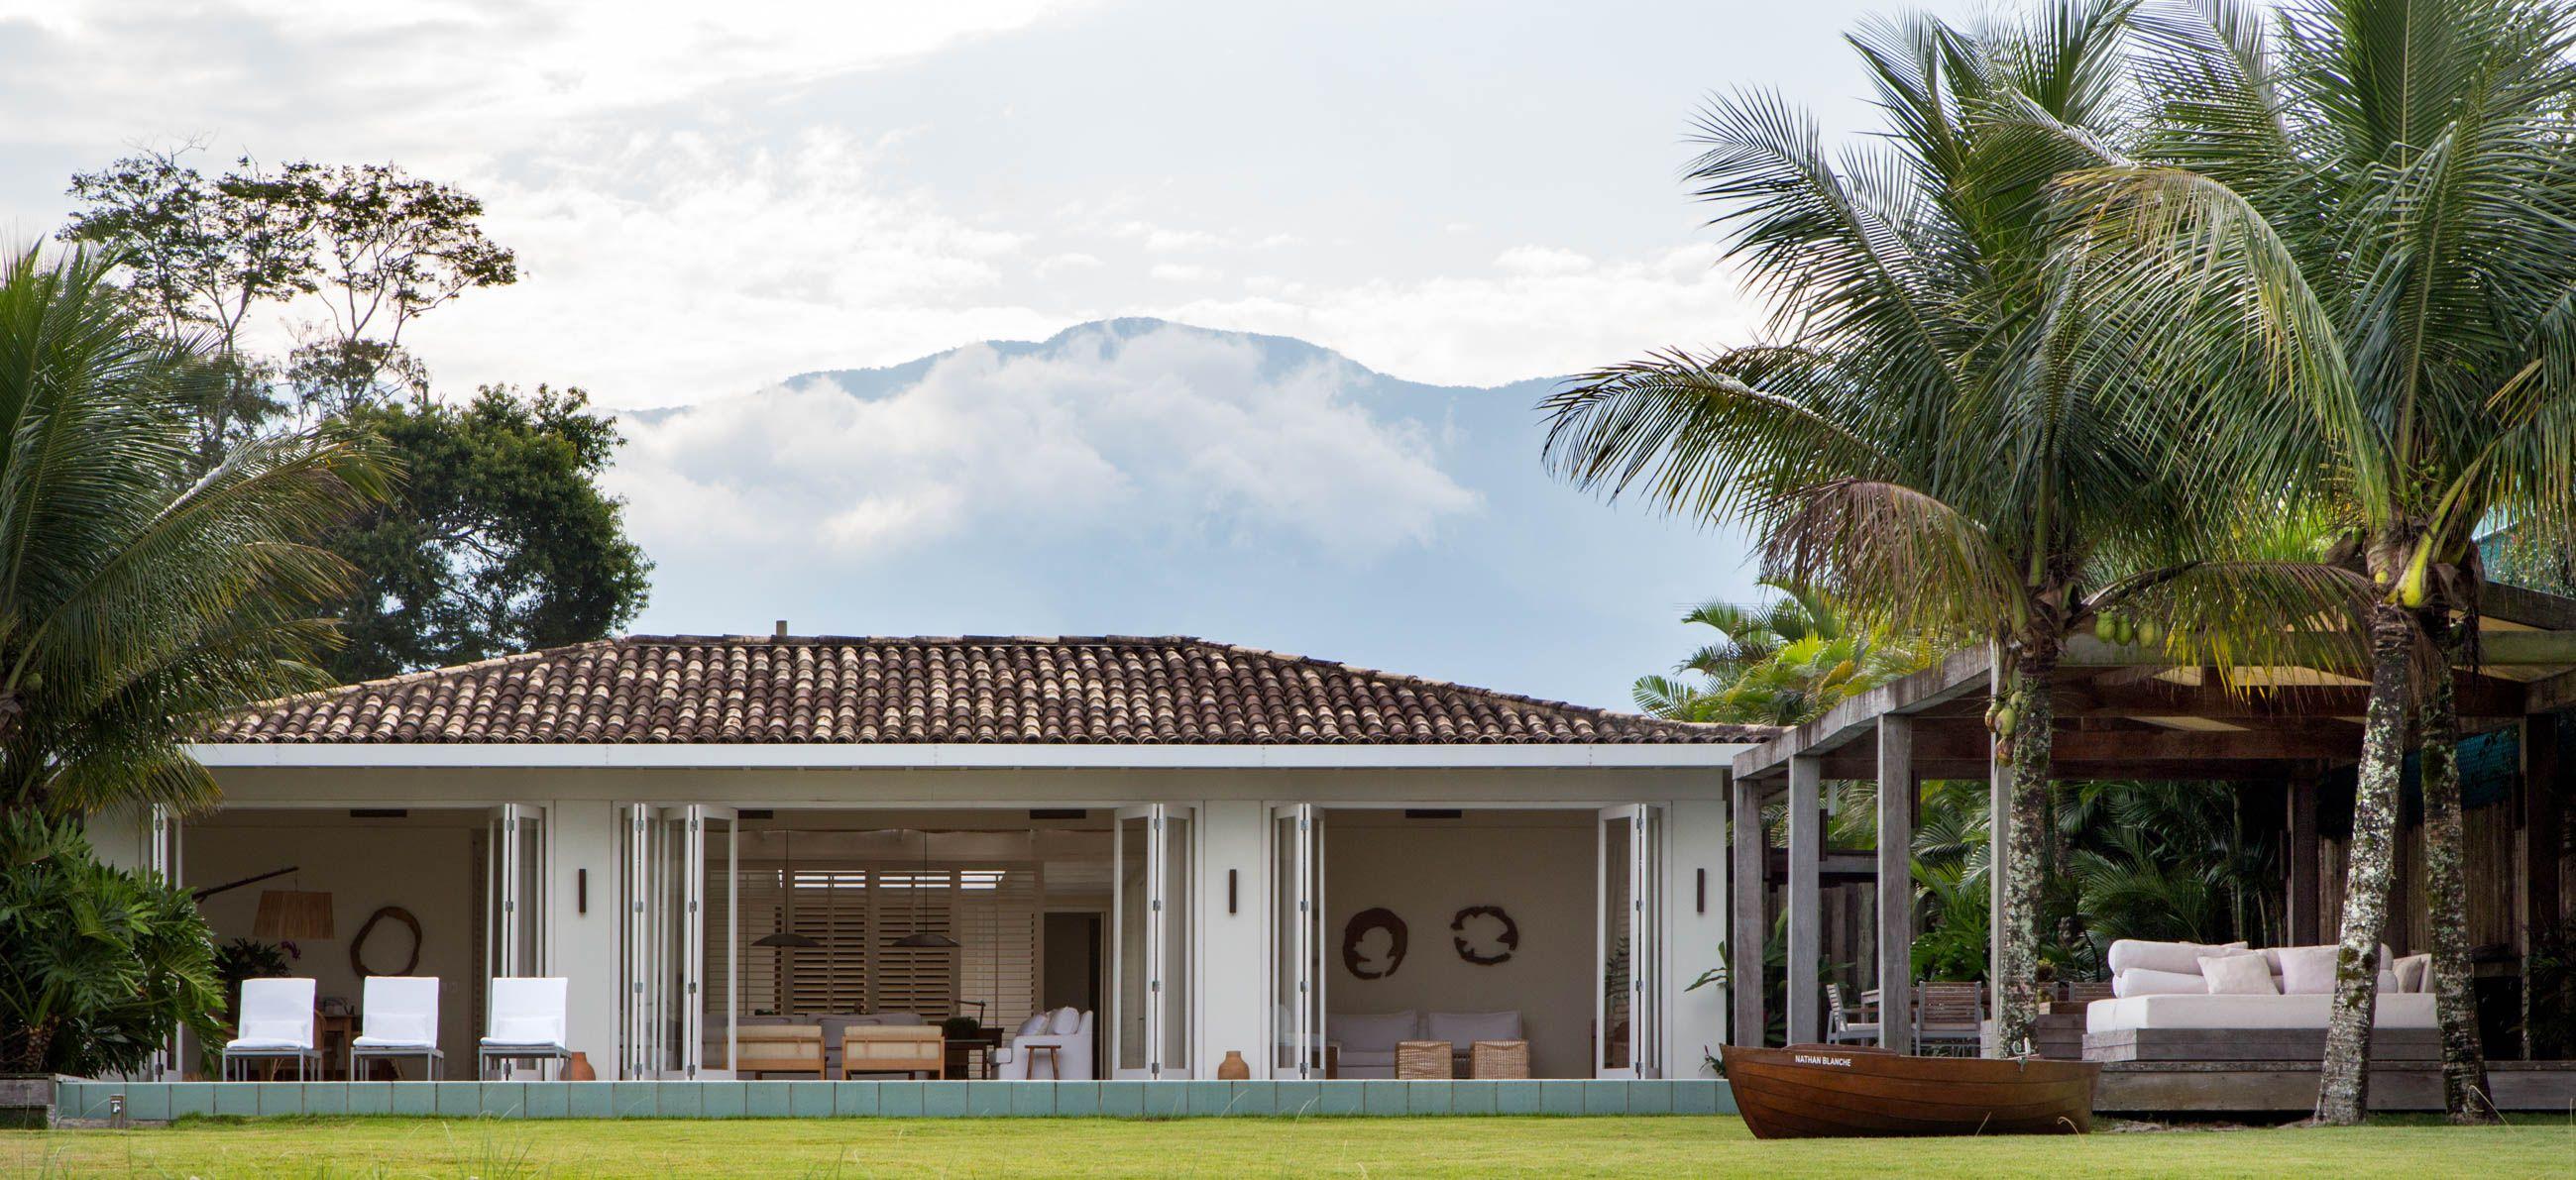 CASA DA CORUJA - Siqueira Azul | Escritório de design e arquitetura